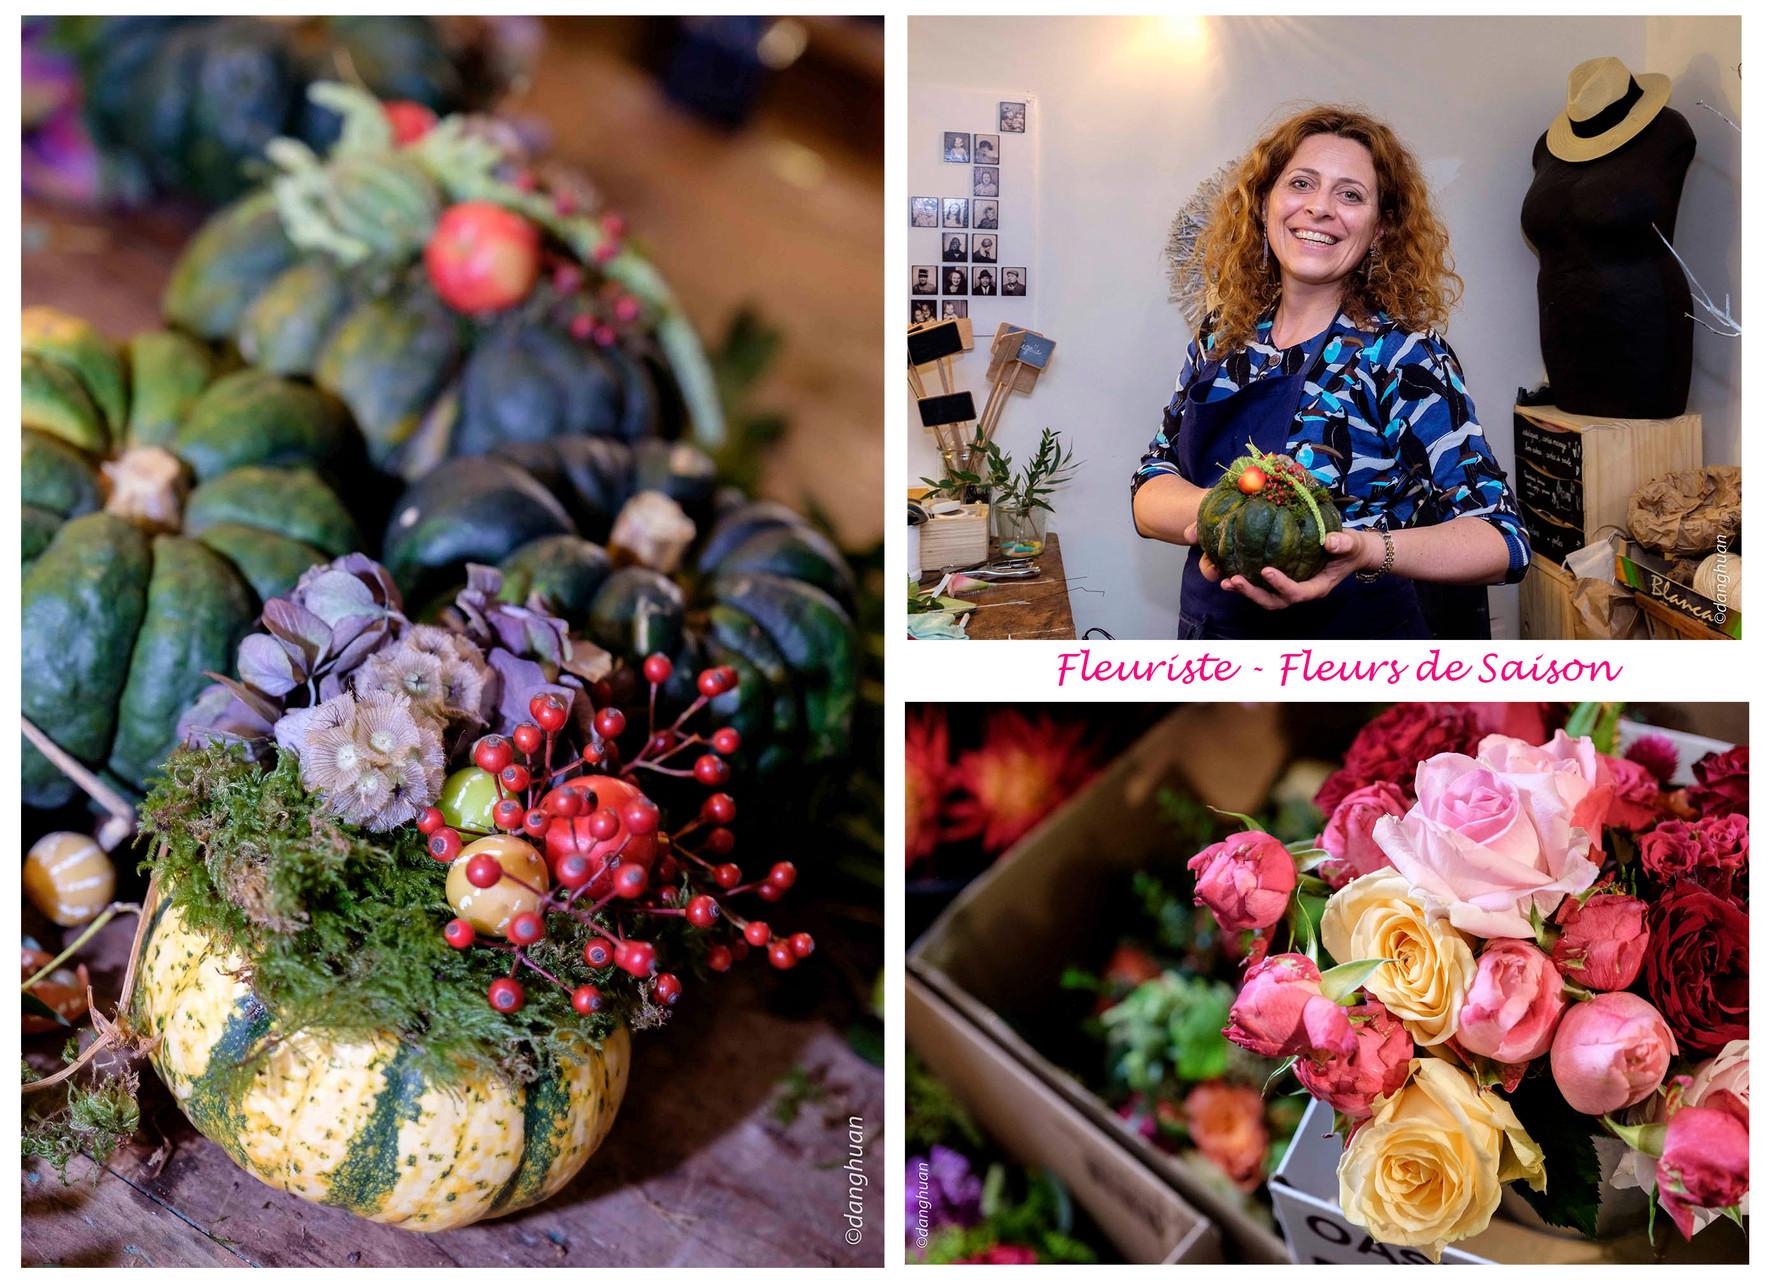 Mathilde VIAL - Fleuriste composant ses bouquets avec les fleurs et légumes de Saison (Paris)